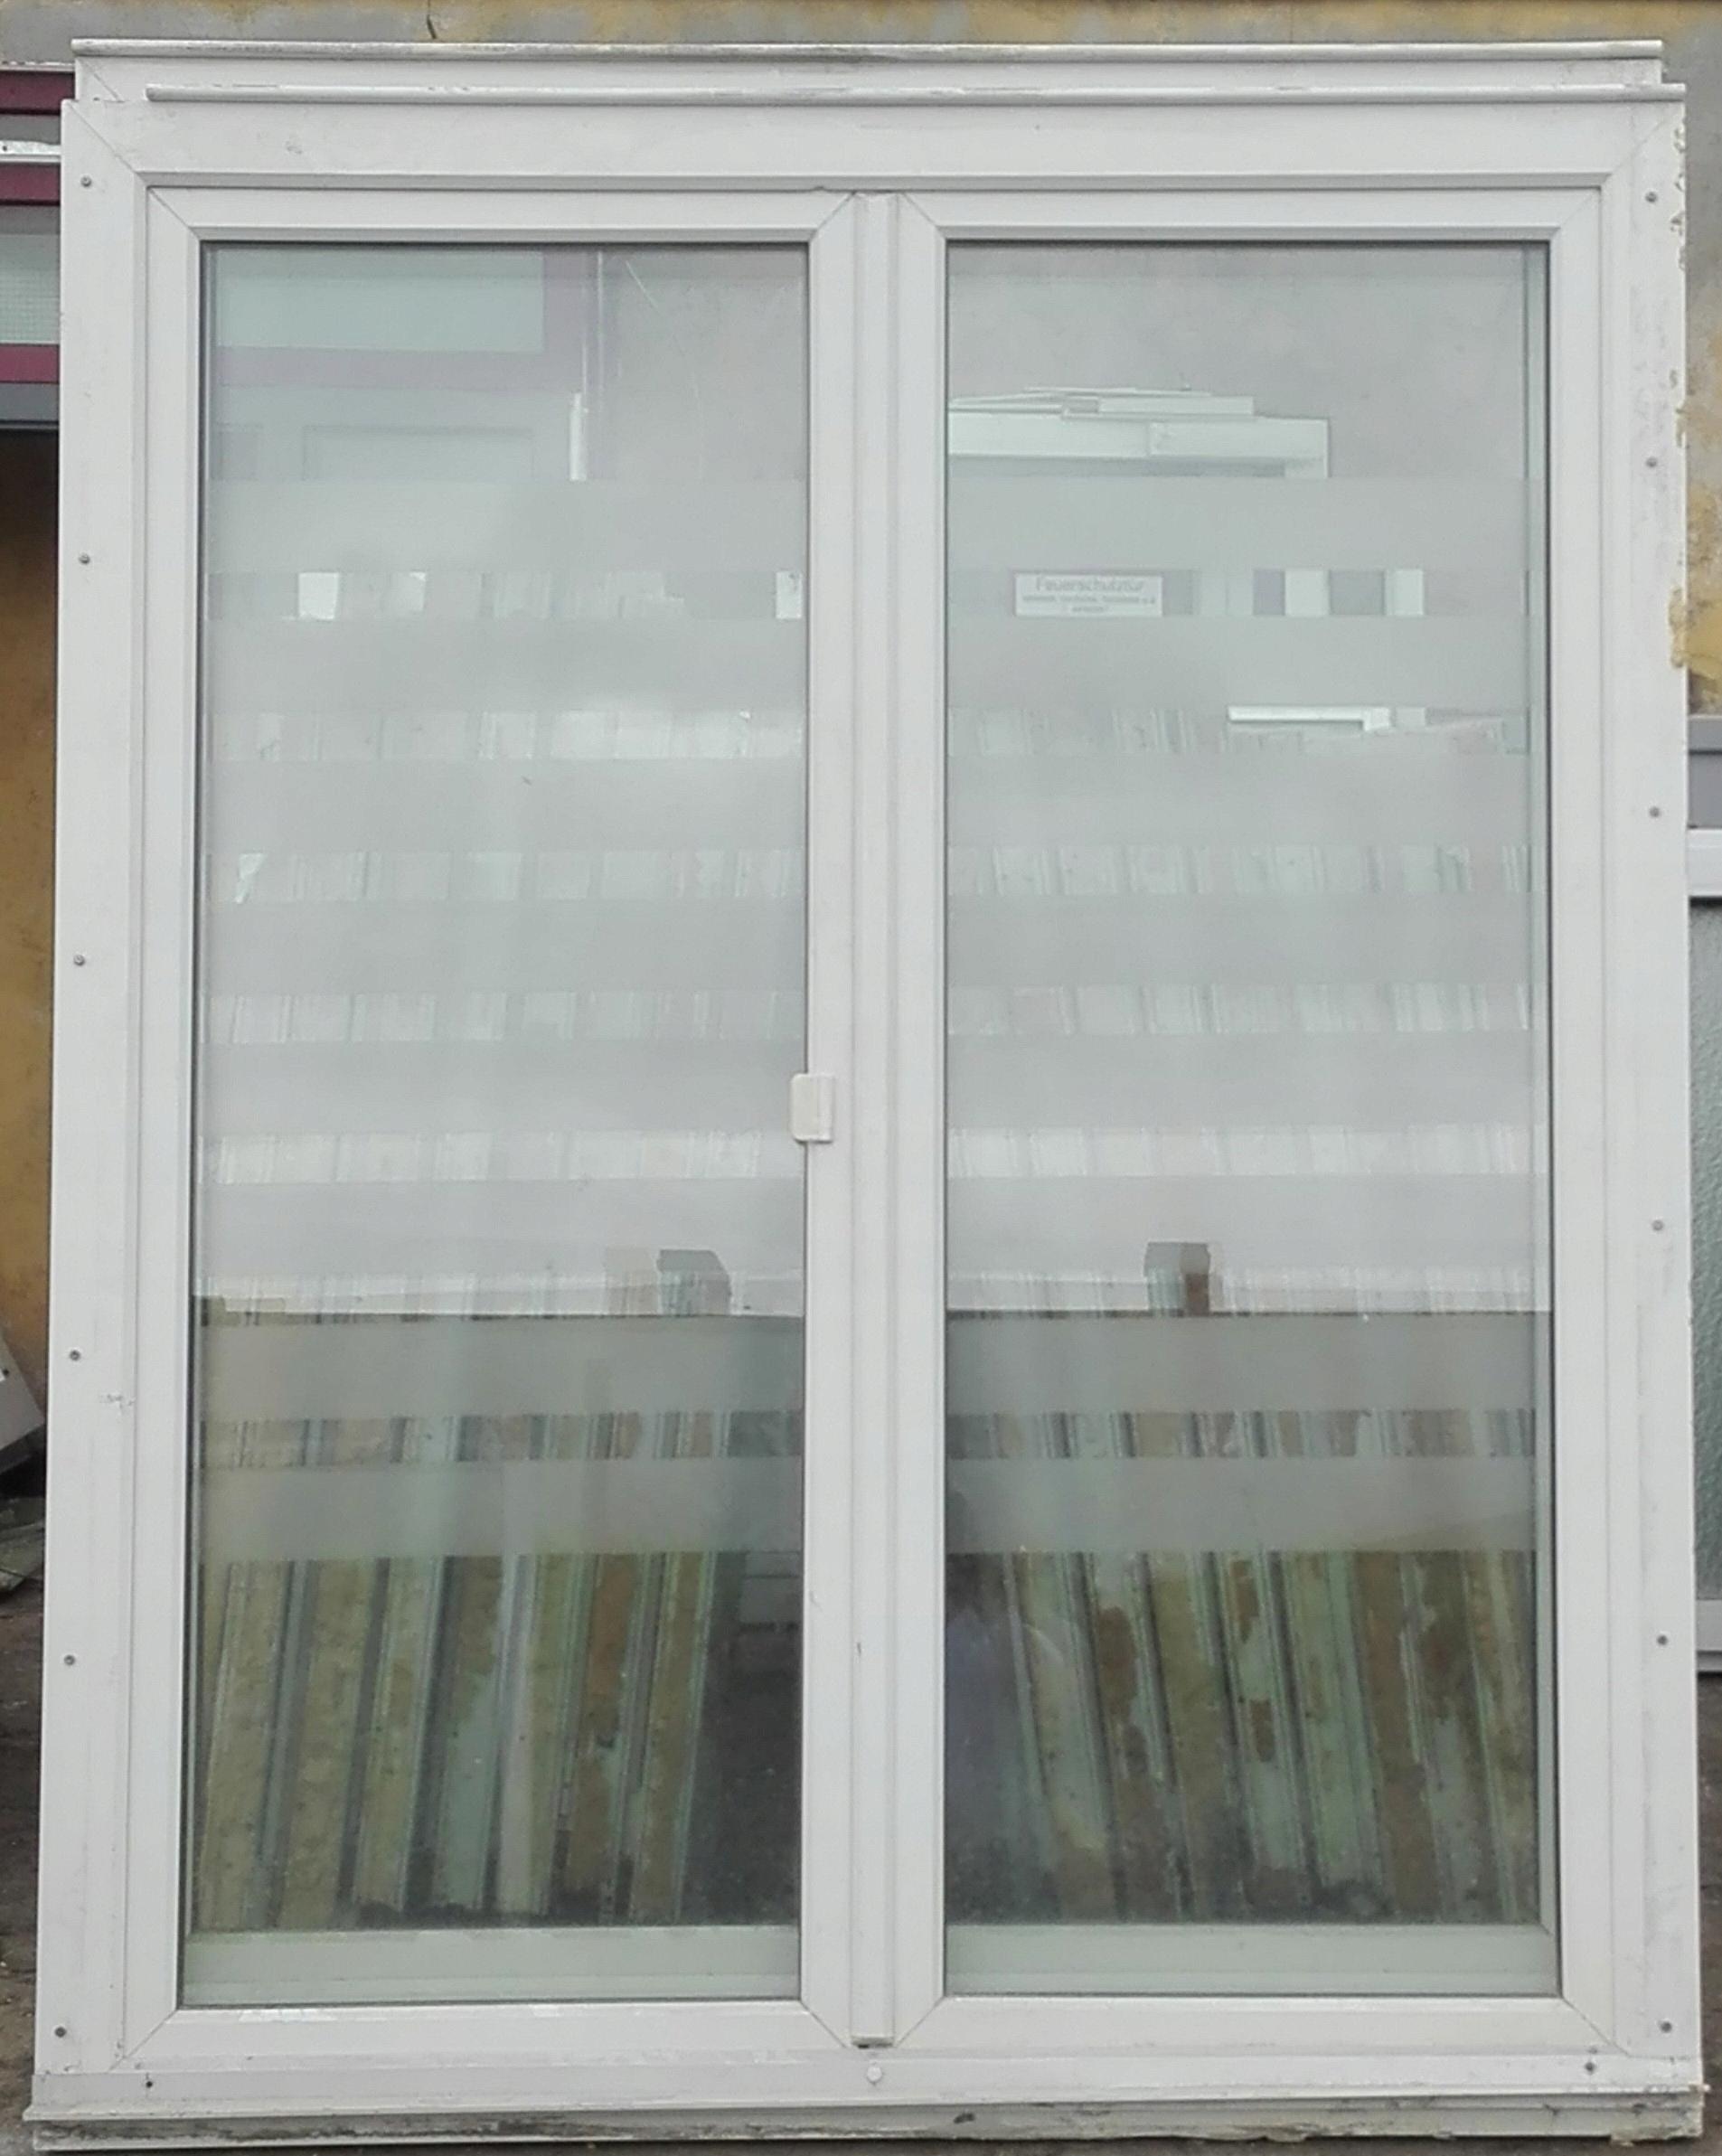 Drzwi Tarasowe Balkonowe Pcv 132x222 168x212 7604425058